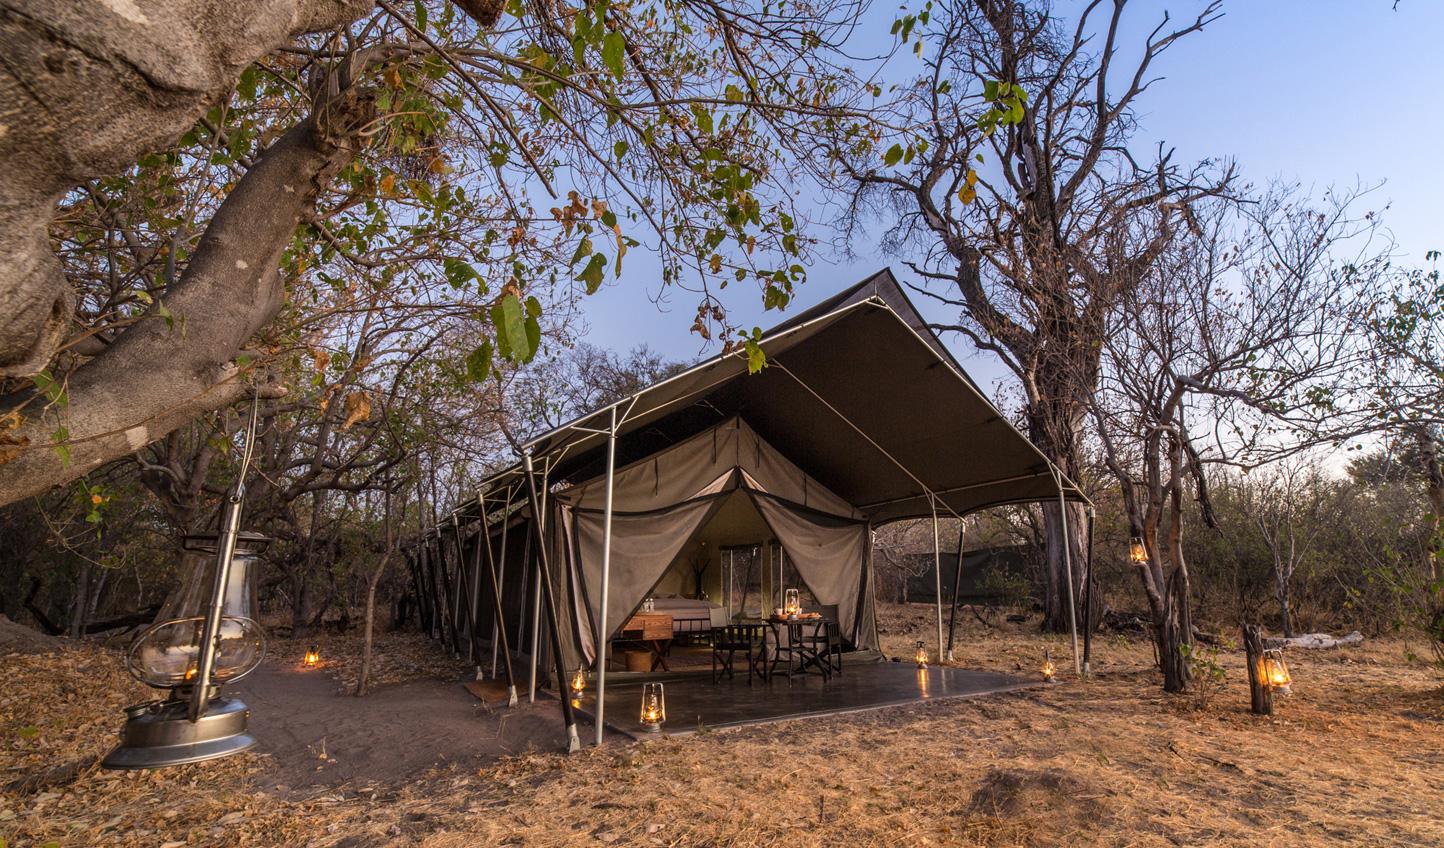 A truly immersive safari experience